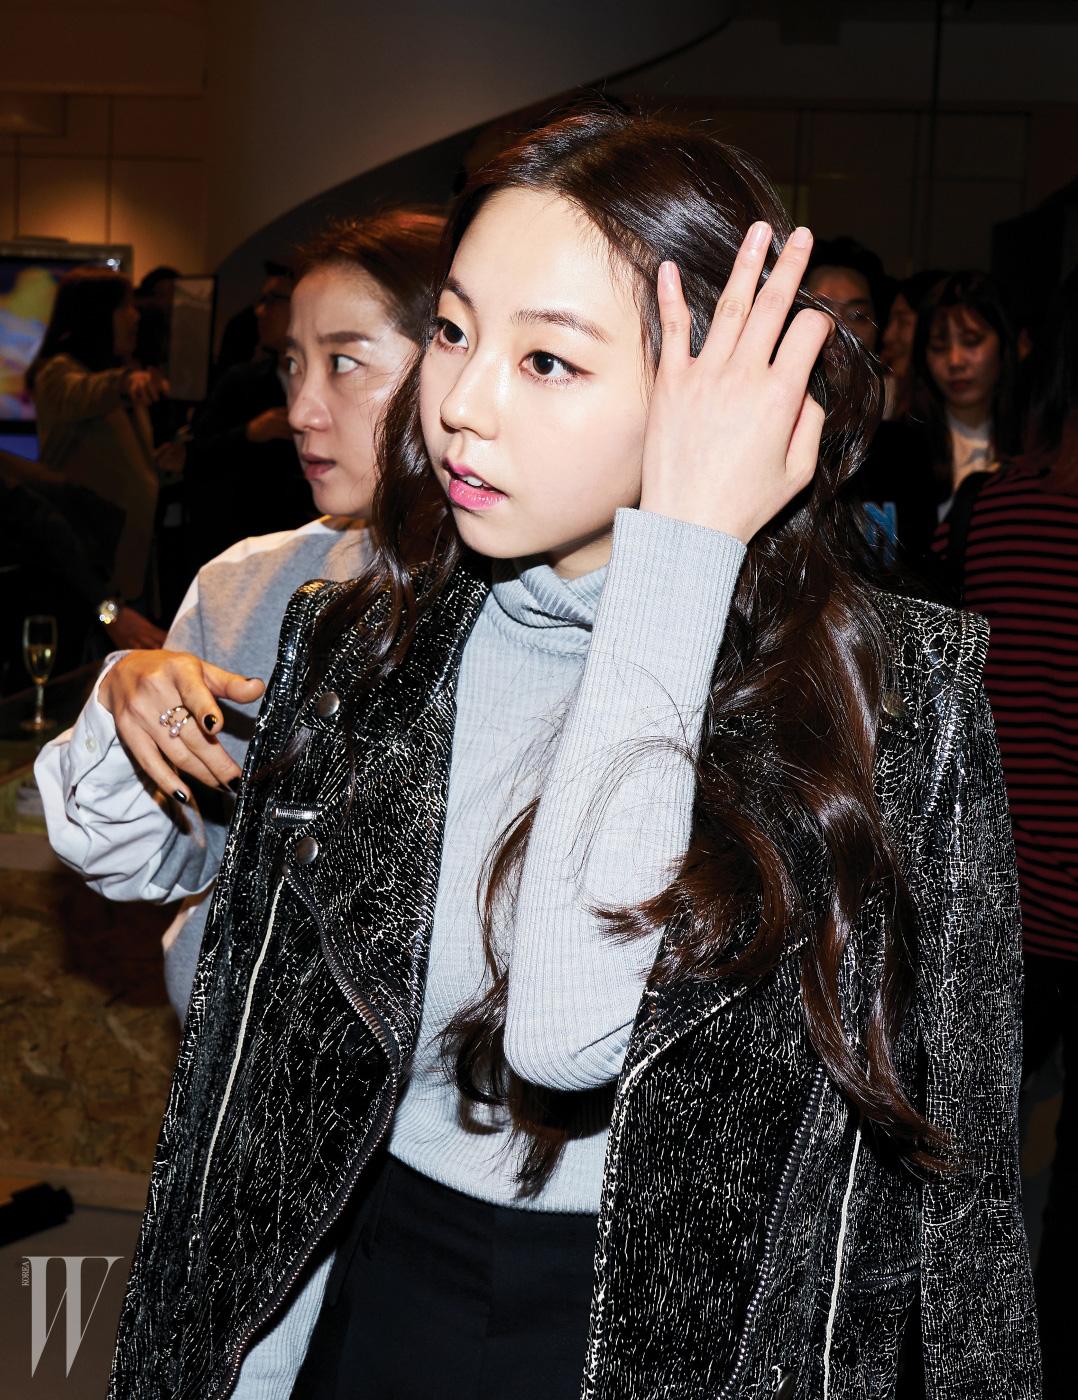 빈티지한 워싱이 눈에 띄는 골든구스디럭스 브랜드의 가죽 재킷을 걸친 배우 안소희.